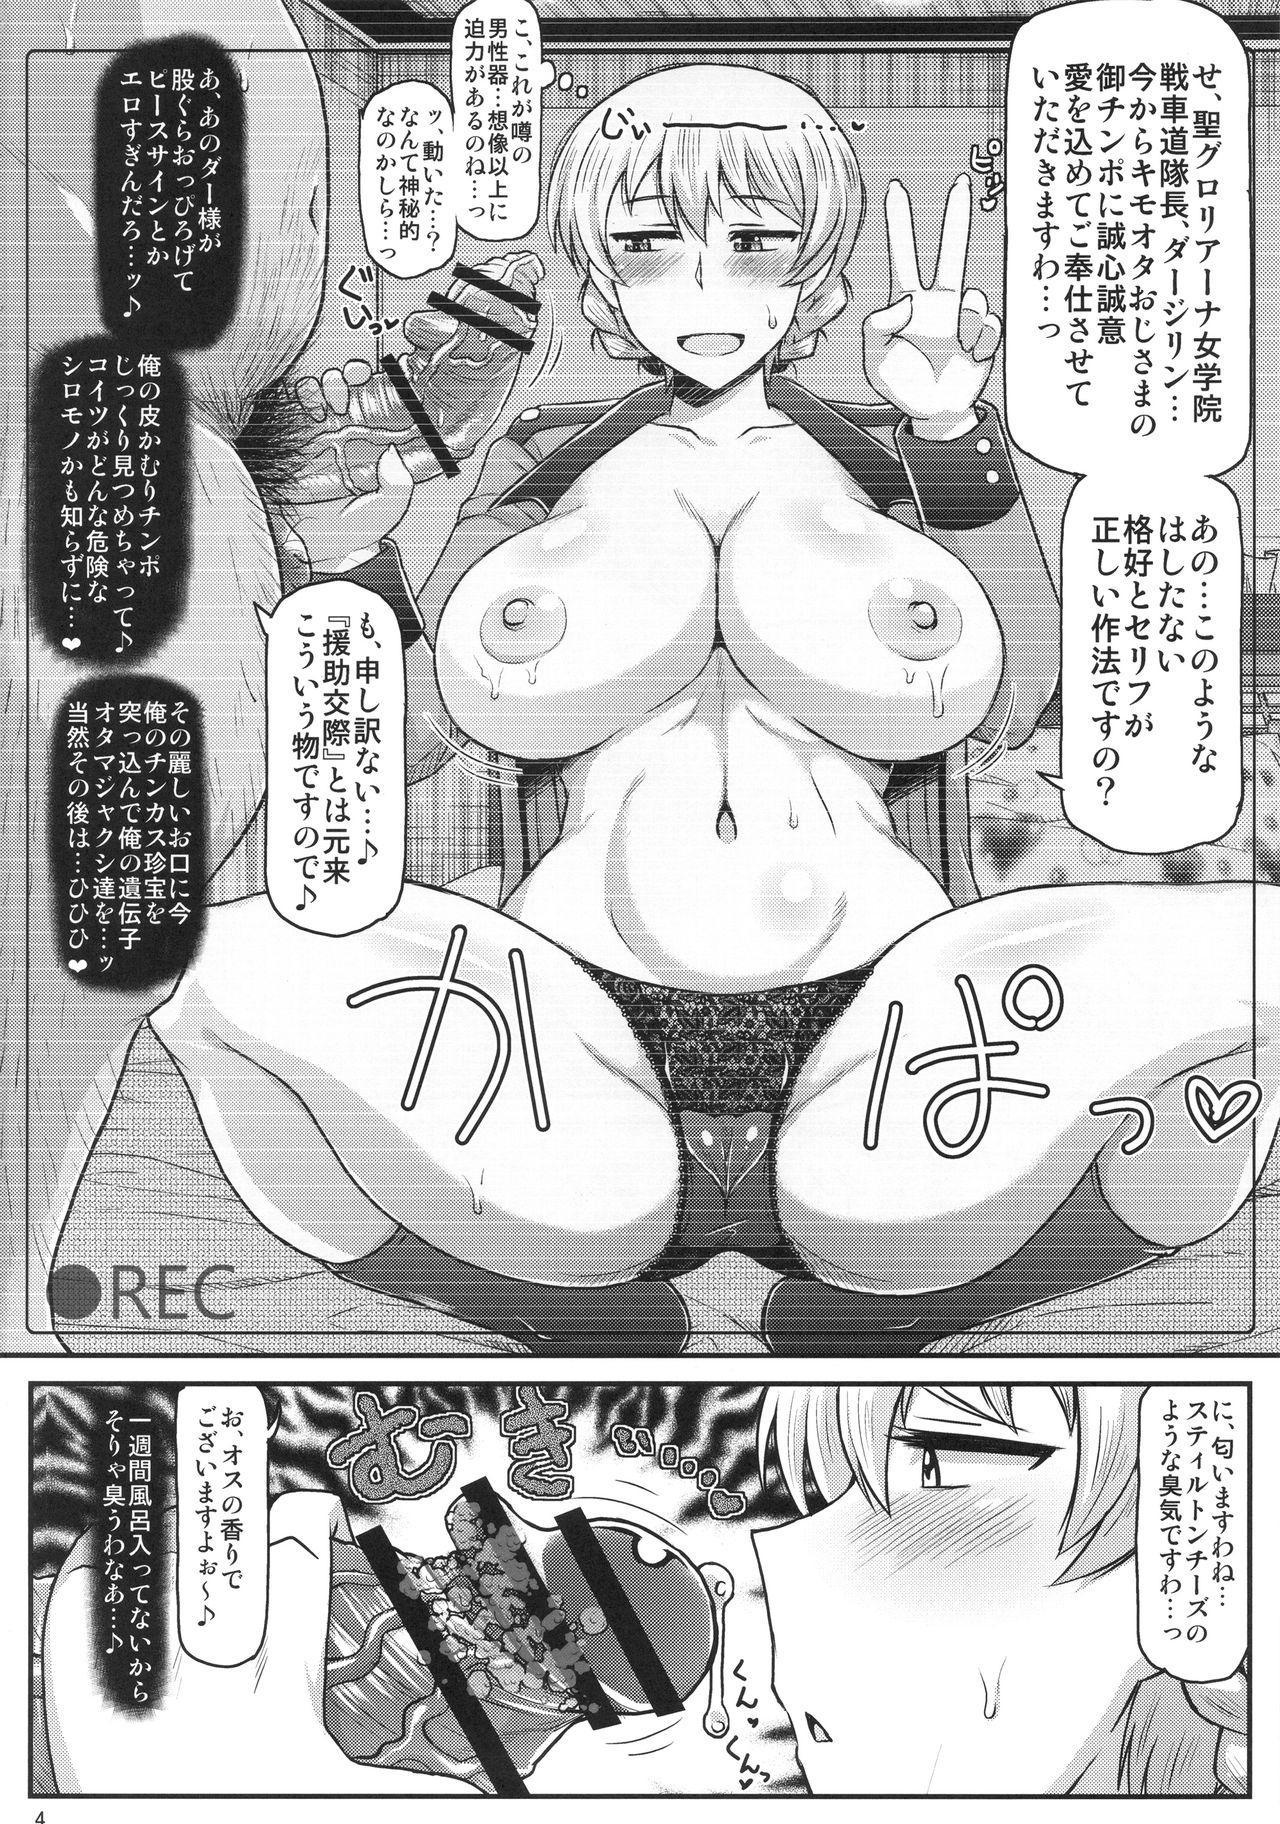 Girls & Semen 4